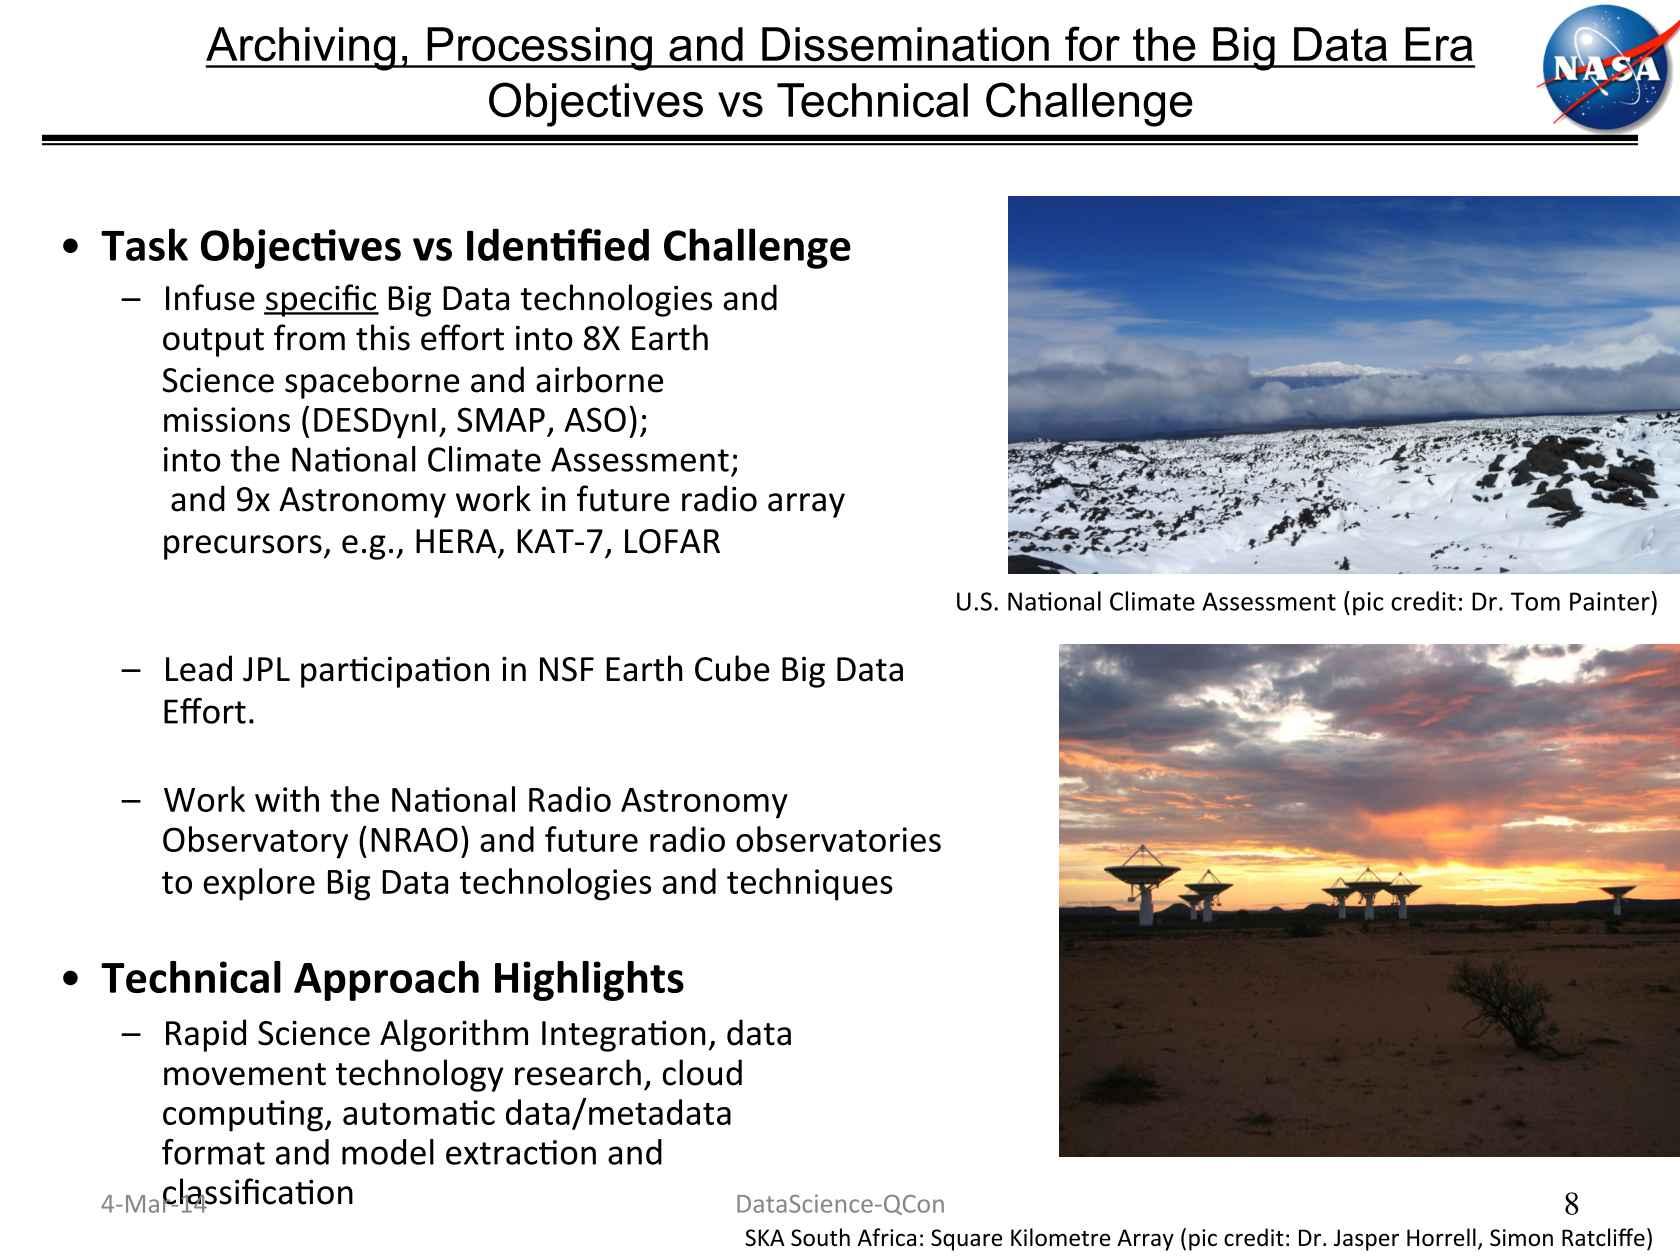 Real Data Science at NASA